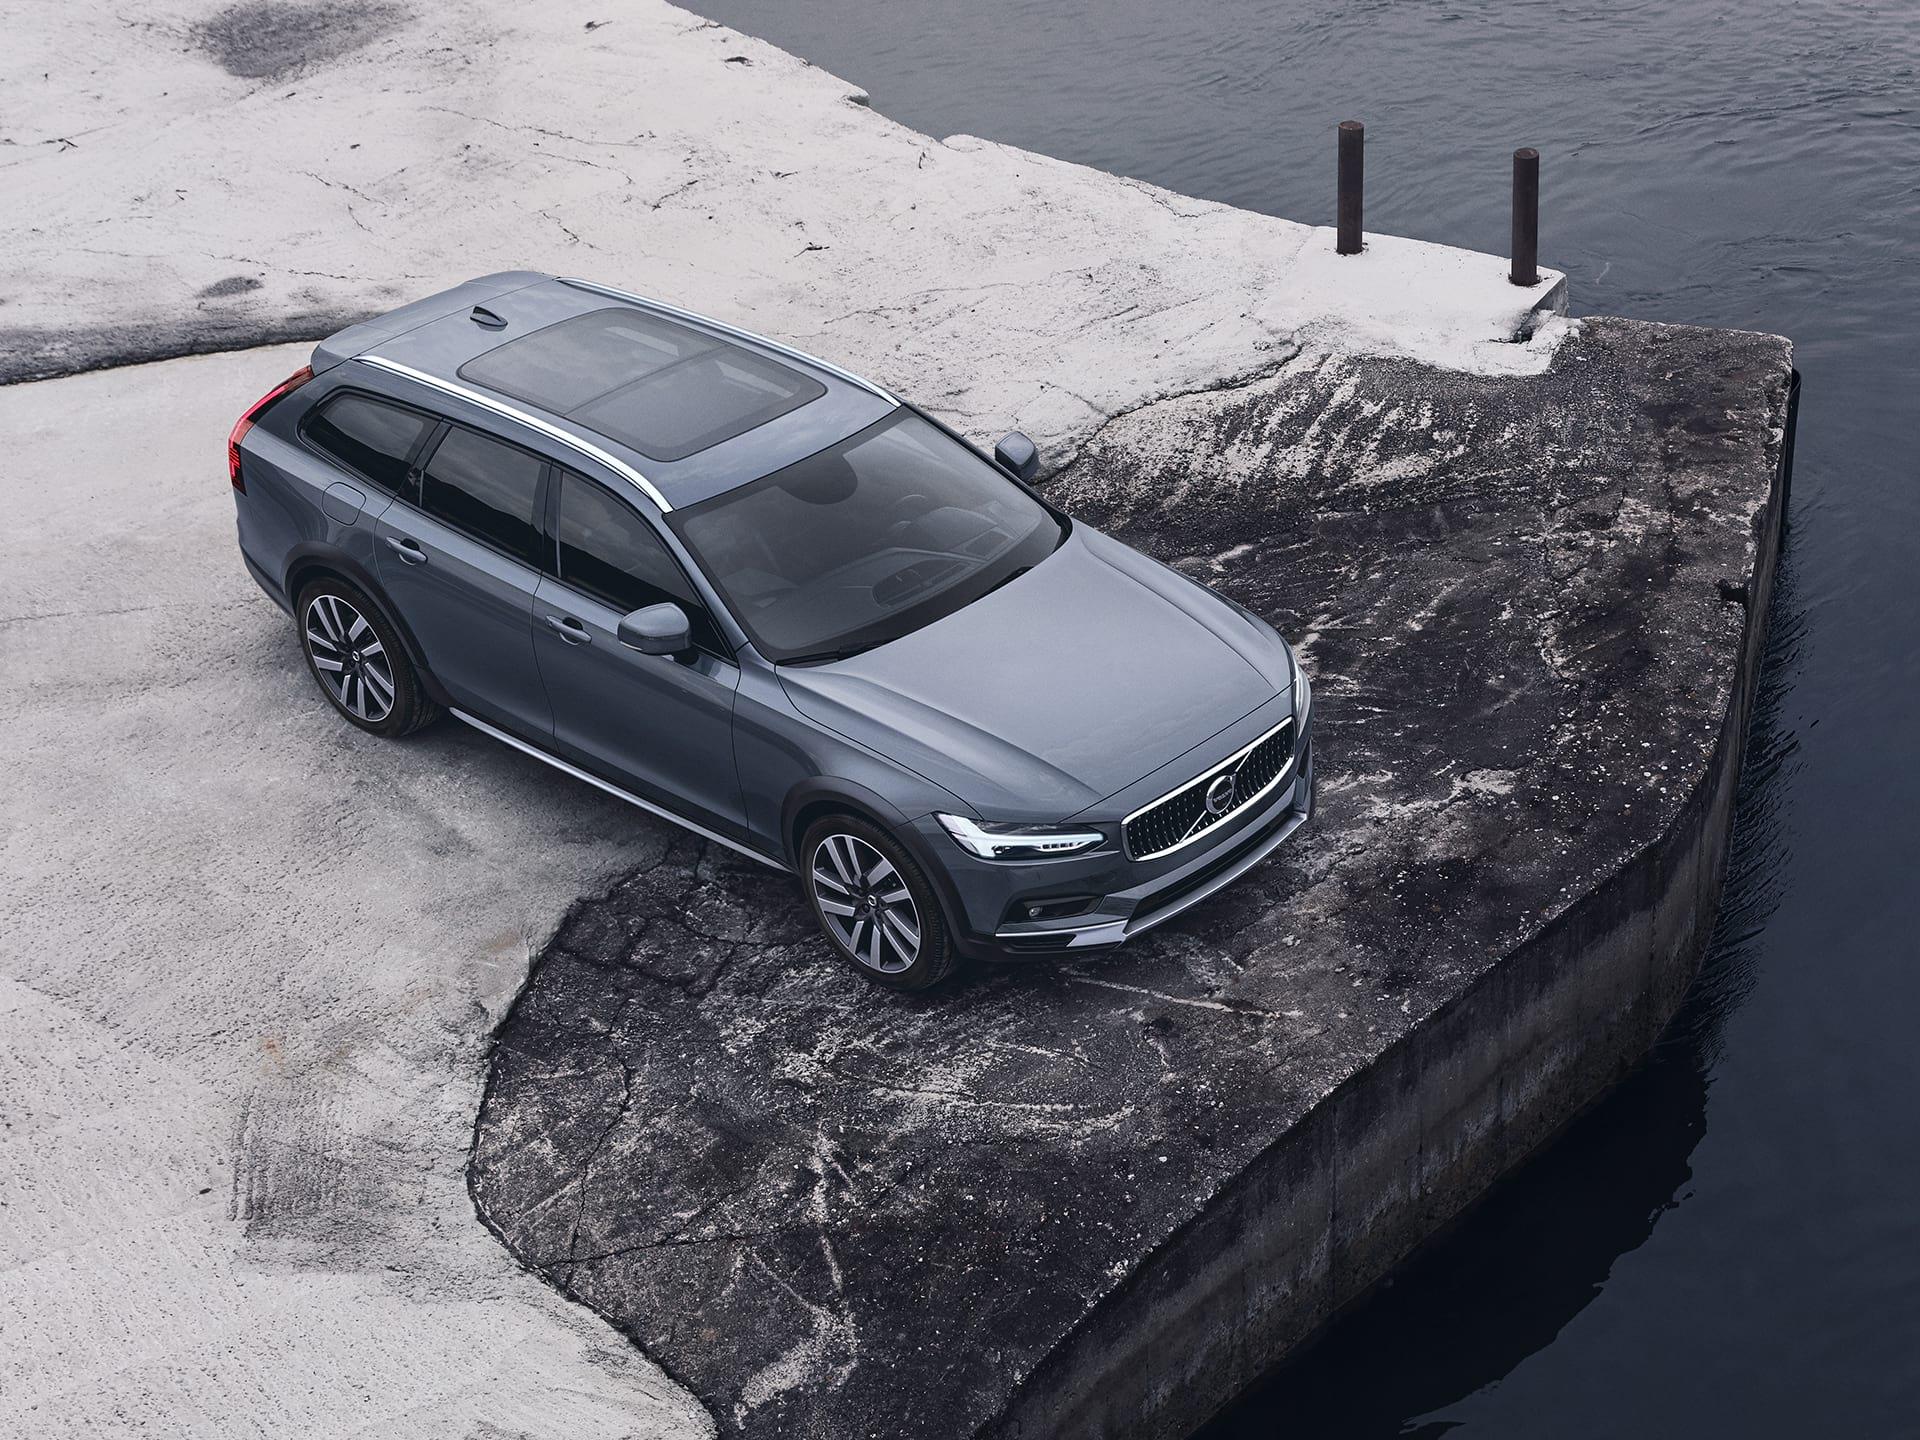 Volvo V90 Cross Country sivoplave boje parkiran na skeli blizu vode.